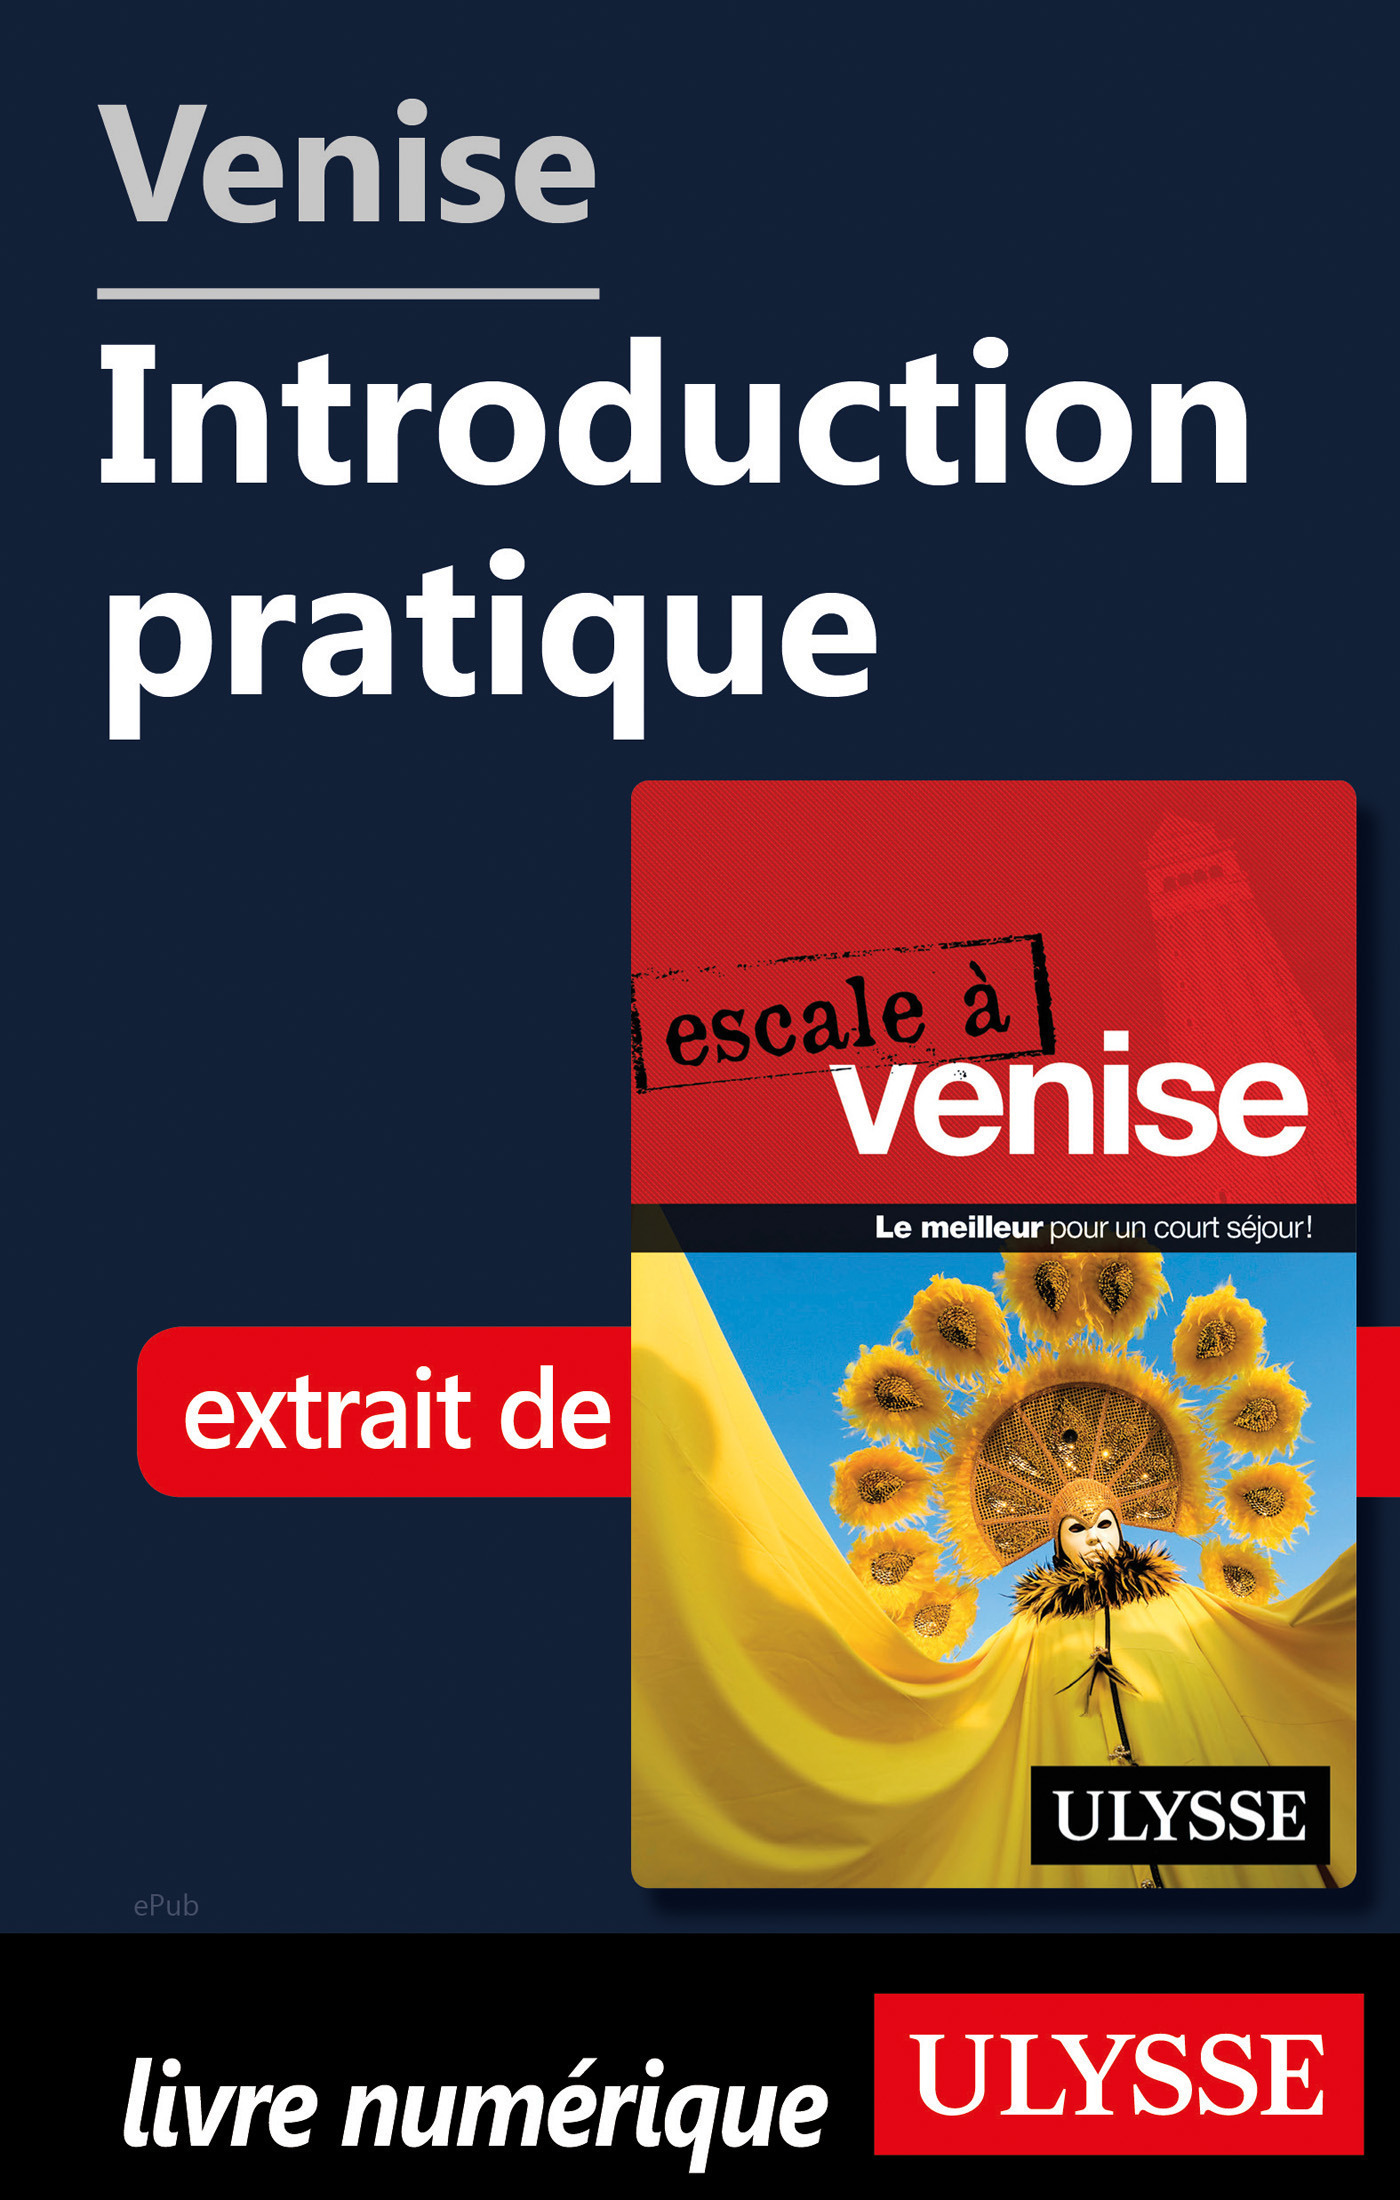 Venise - Introduction pratique